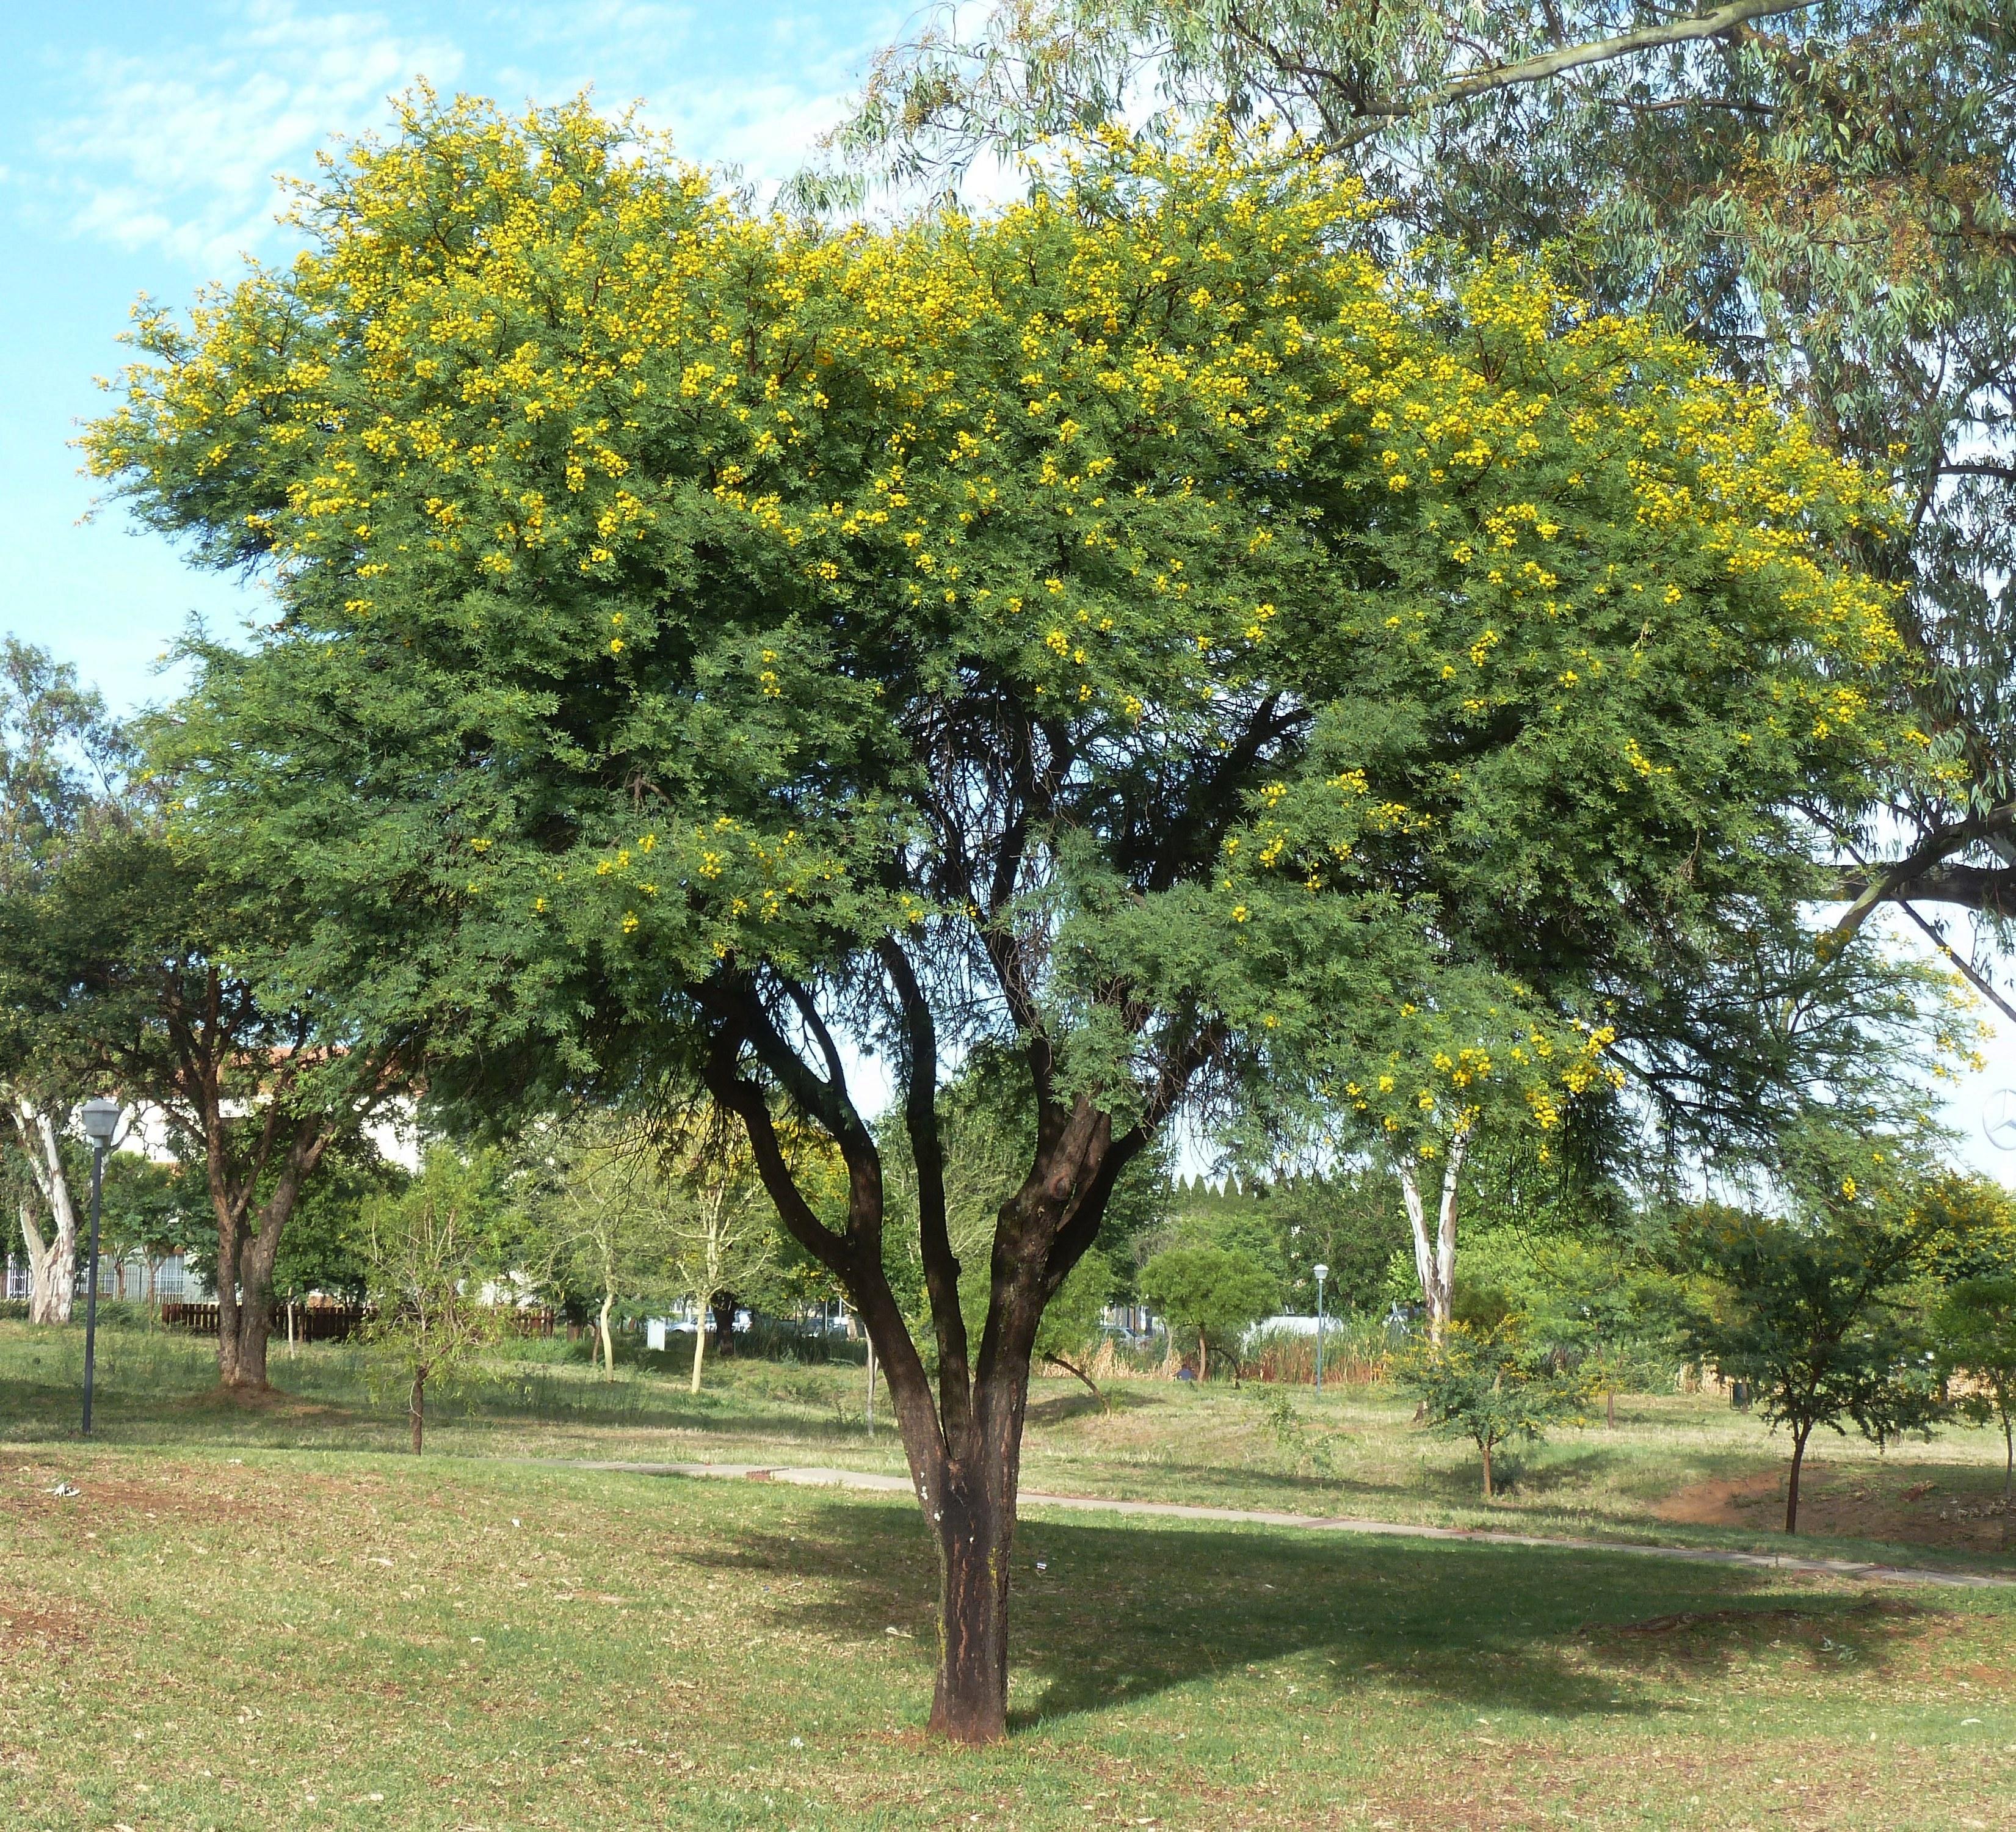 Fileacacia Karroo Habitus Jimmy Aves Park Cjpg Wikimedia Commons